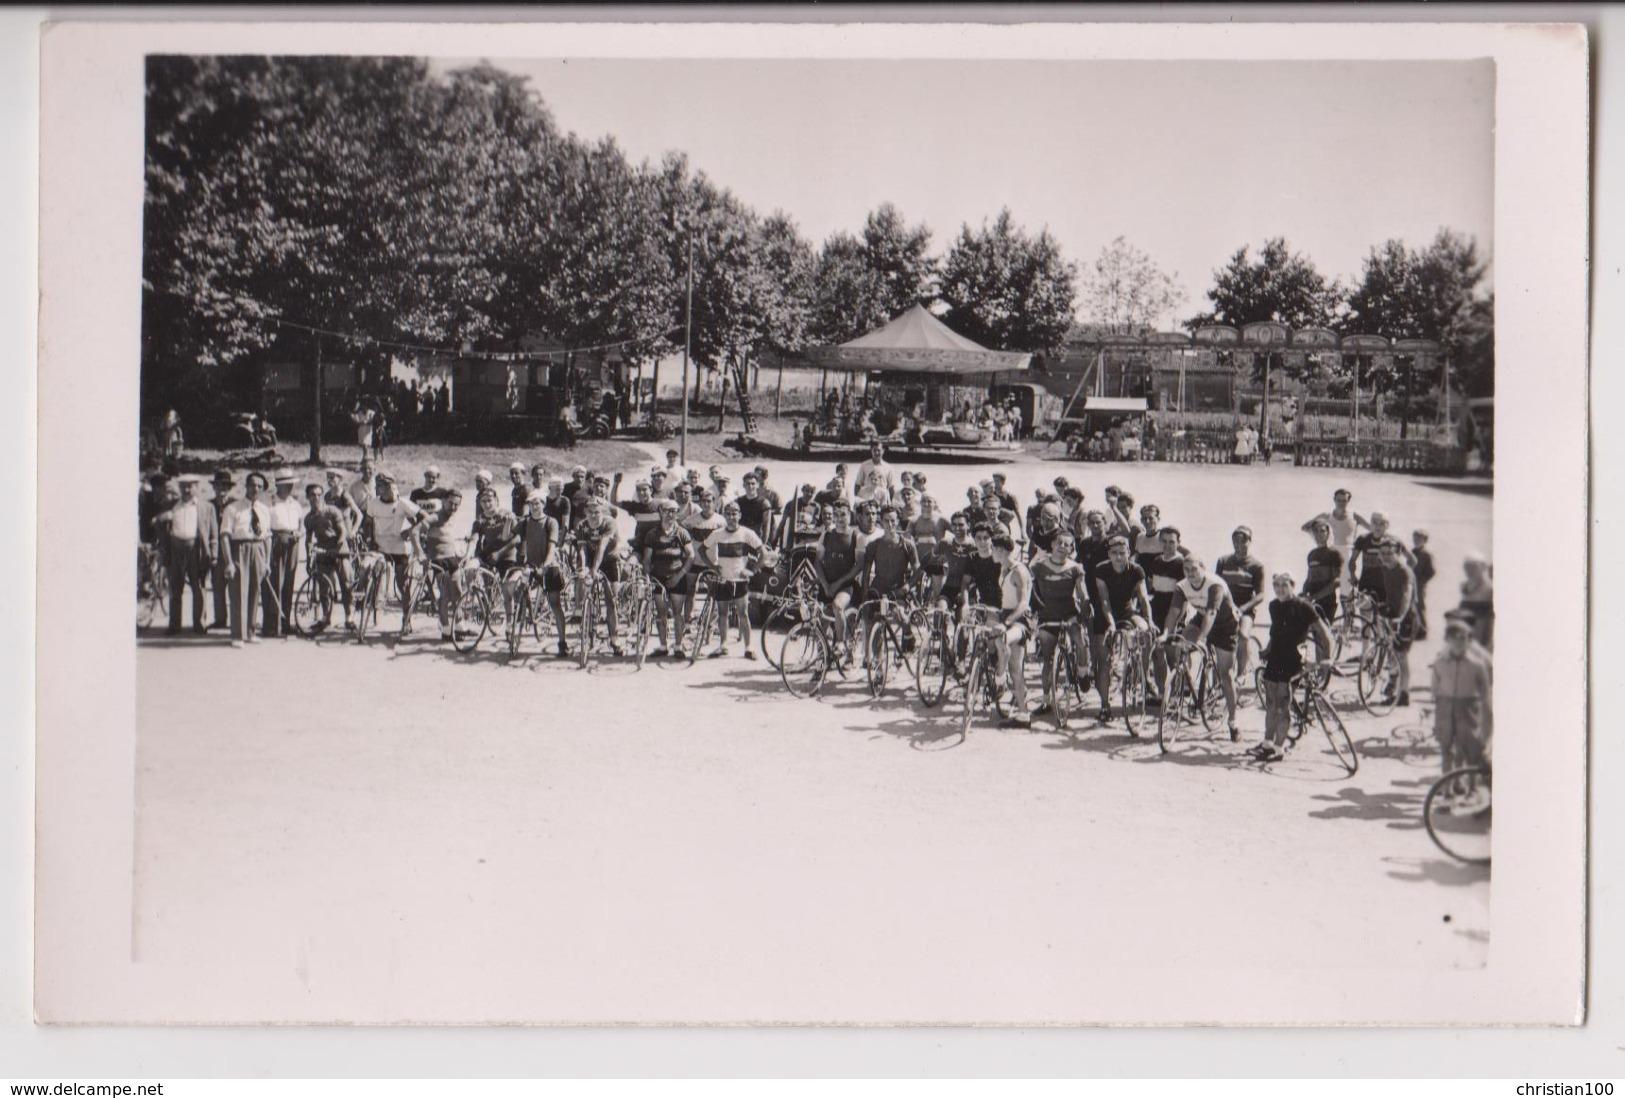 CARTE PHOTO : AVANT LE DEPART D'UNE COURSE CYCLISTE - EQUIPES DE COUREURS - MANEGE DE CHEVAUX DE BOIS - 2 SCANS - - Cartes Postales